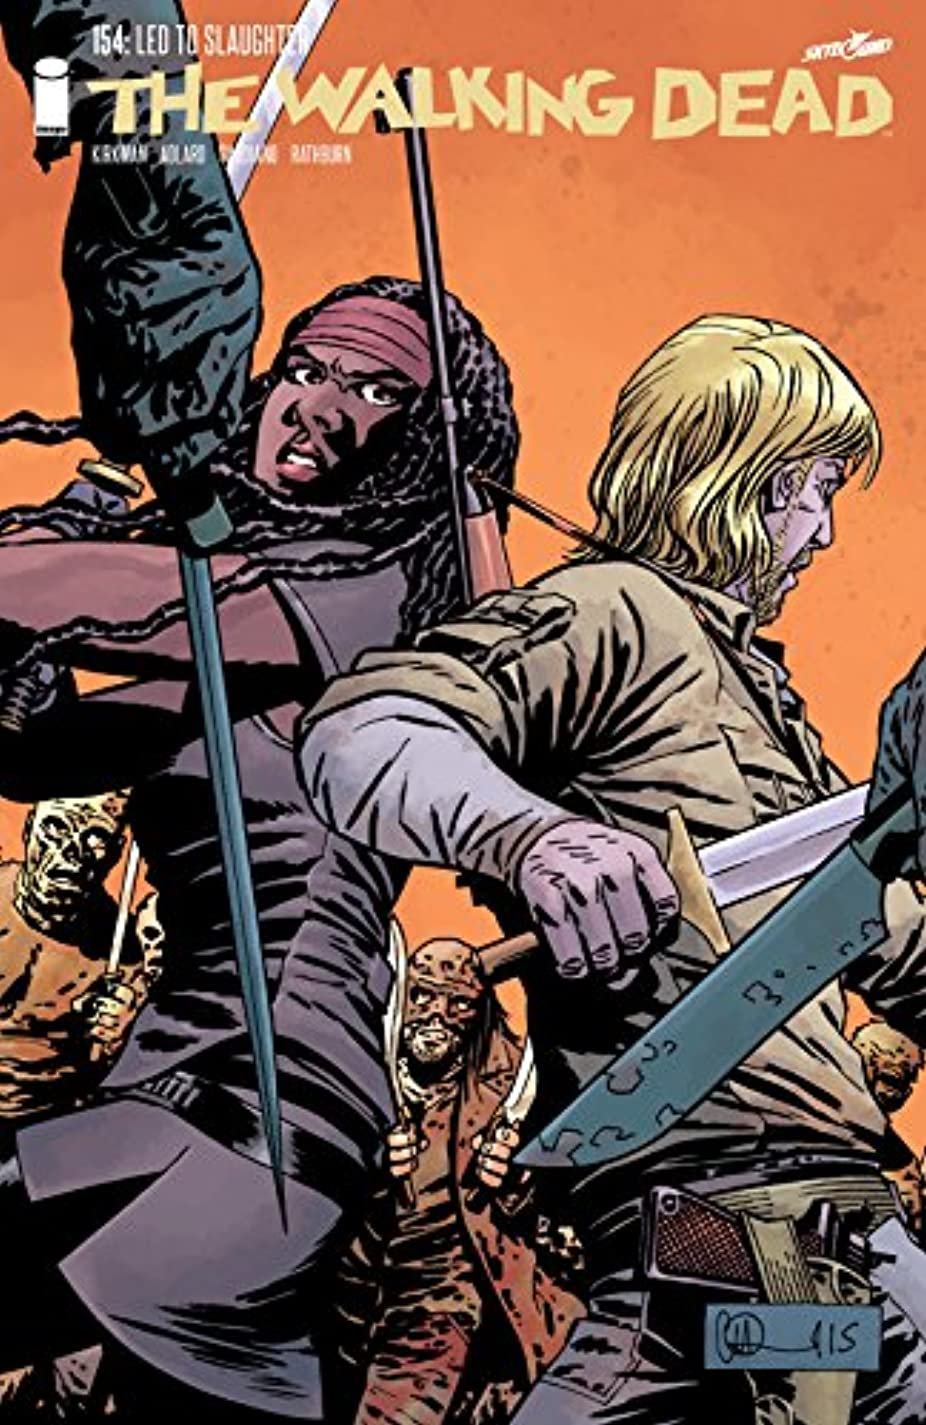 ラフ睡眠スケッチピケThe Walking Dead #154 (English Edition)